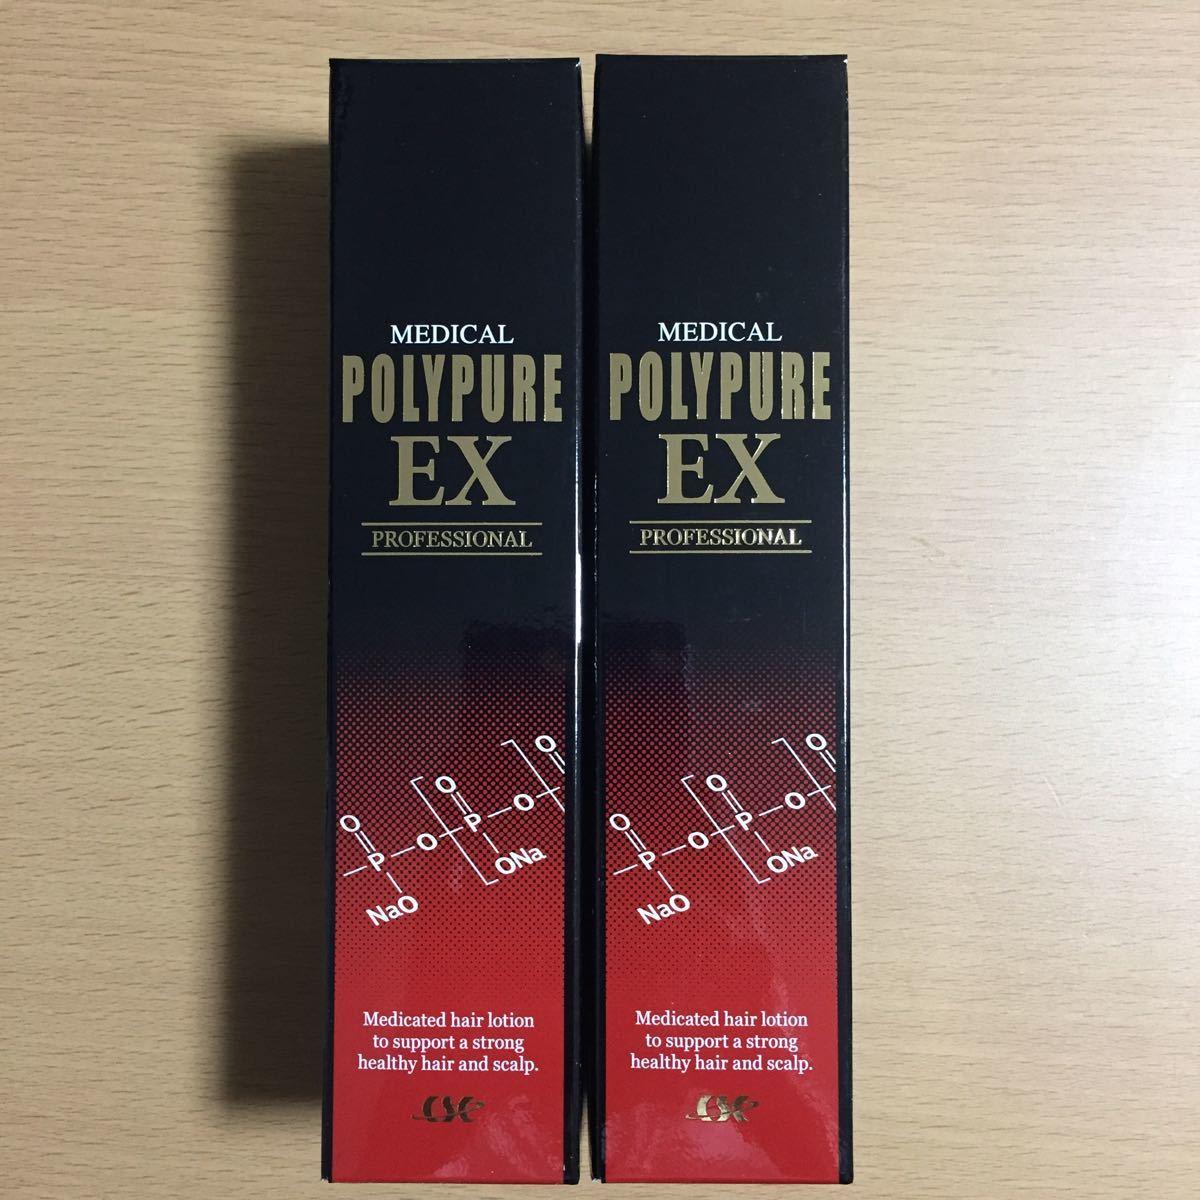 ポリピュアEX 120ml 2本セット 新品未開封 薬用 育毛剤